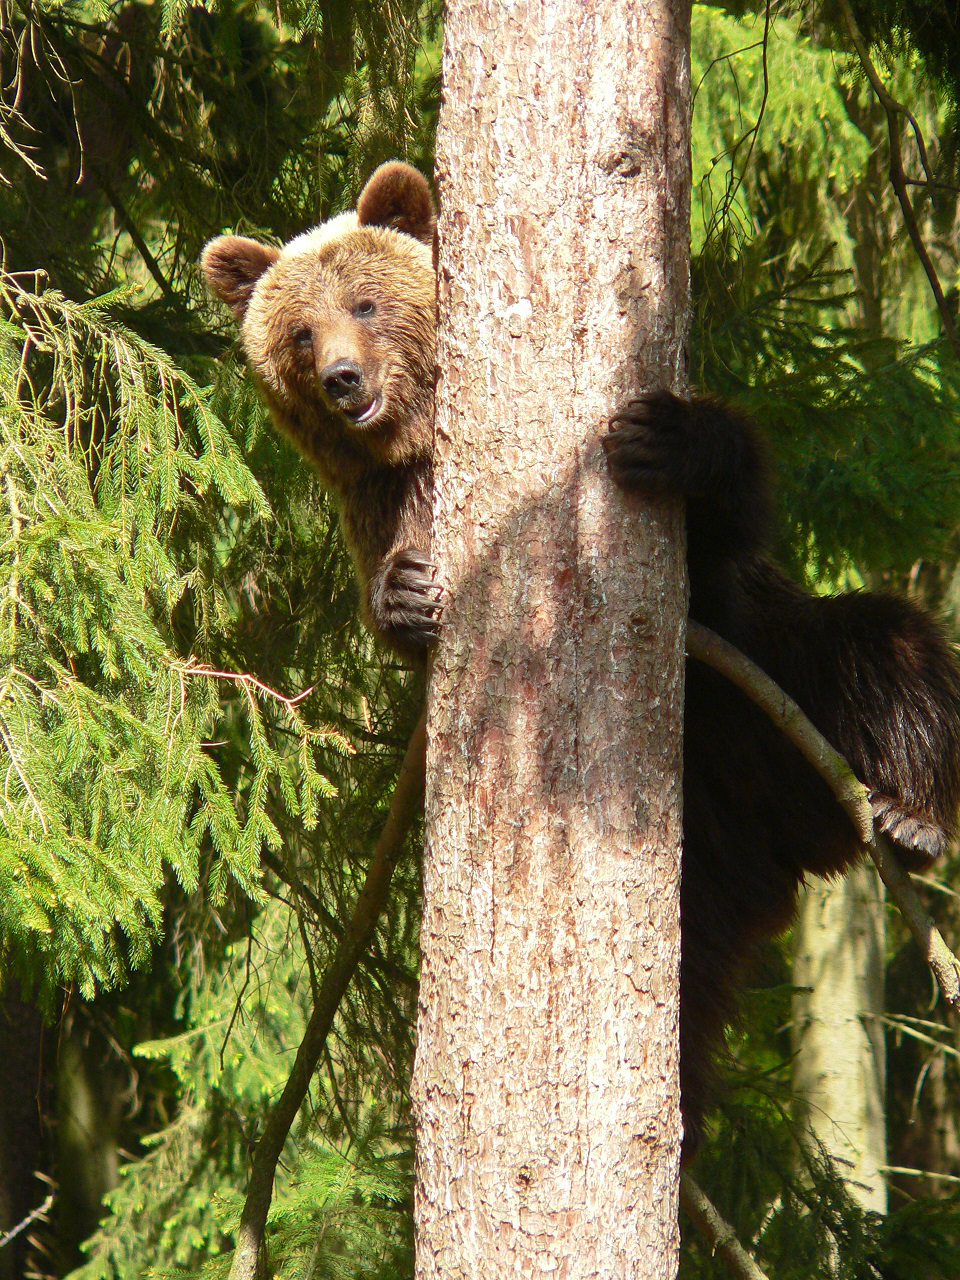 Wildpark_Schwarze_BergeBär_neugierig_auf_Baum